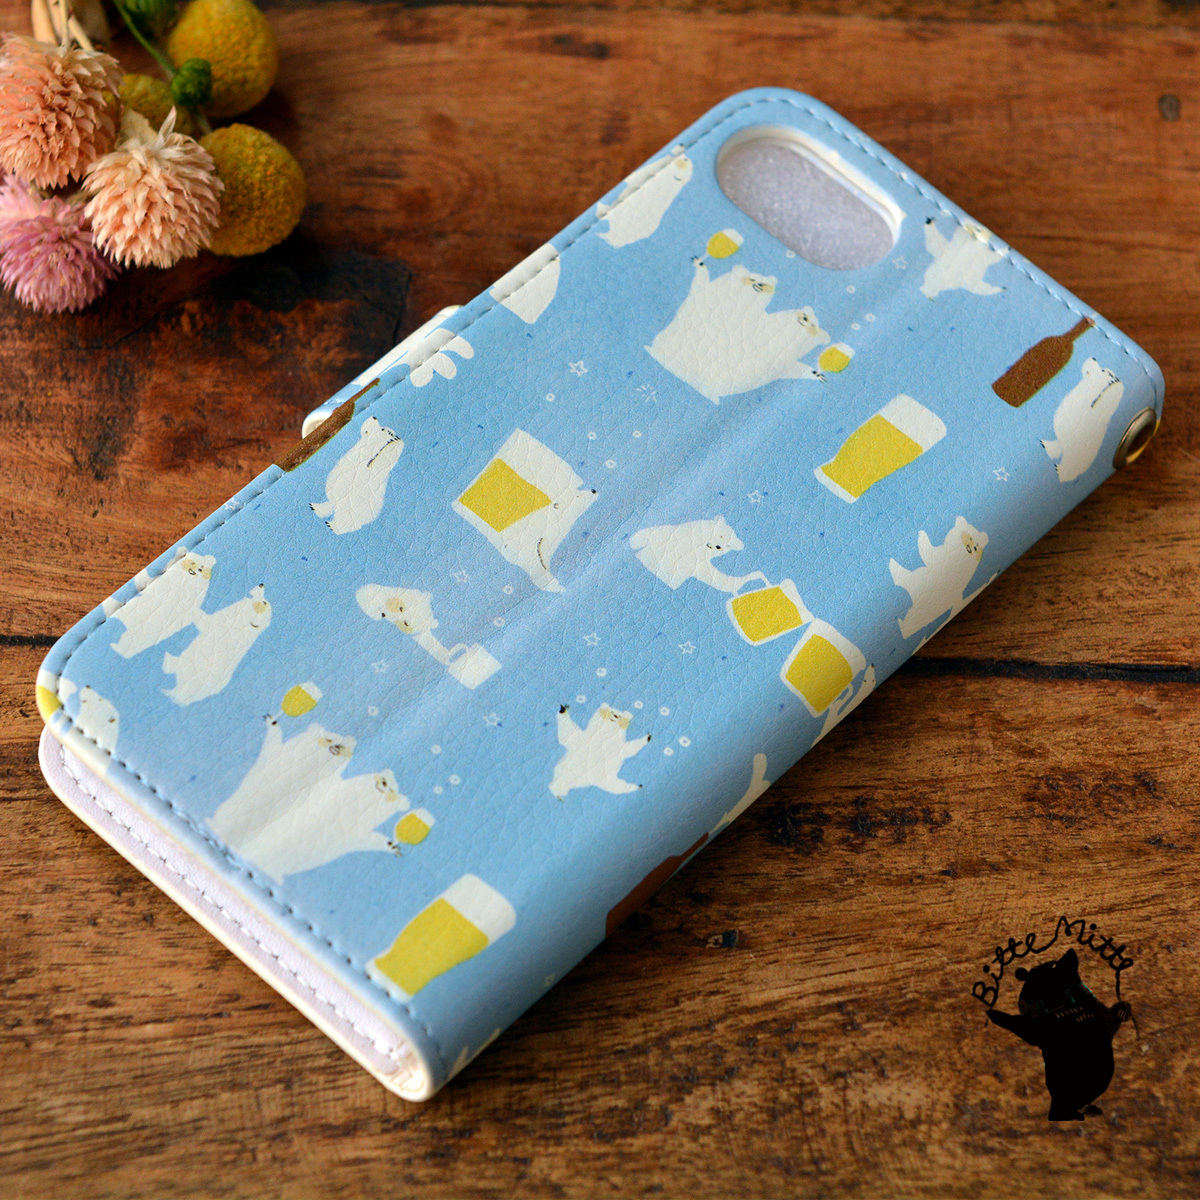 【訳あり】アイフォン6s ケース 手帳型 かわいい iphone6s ケース 手帳 大人かわいい iphone6s ケース 手帳 シンプル かわいい シロクマとビール/Bitte Mitte!【bm-iph6t-10089-B2】